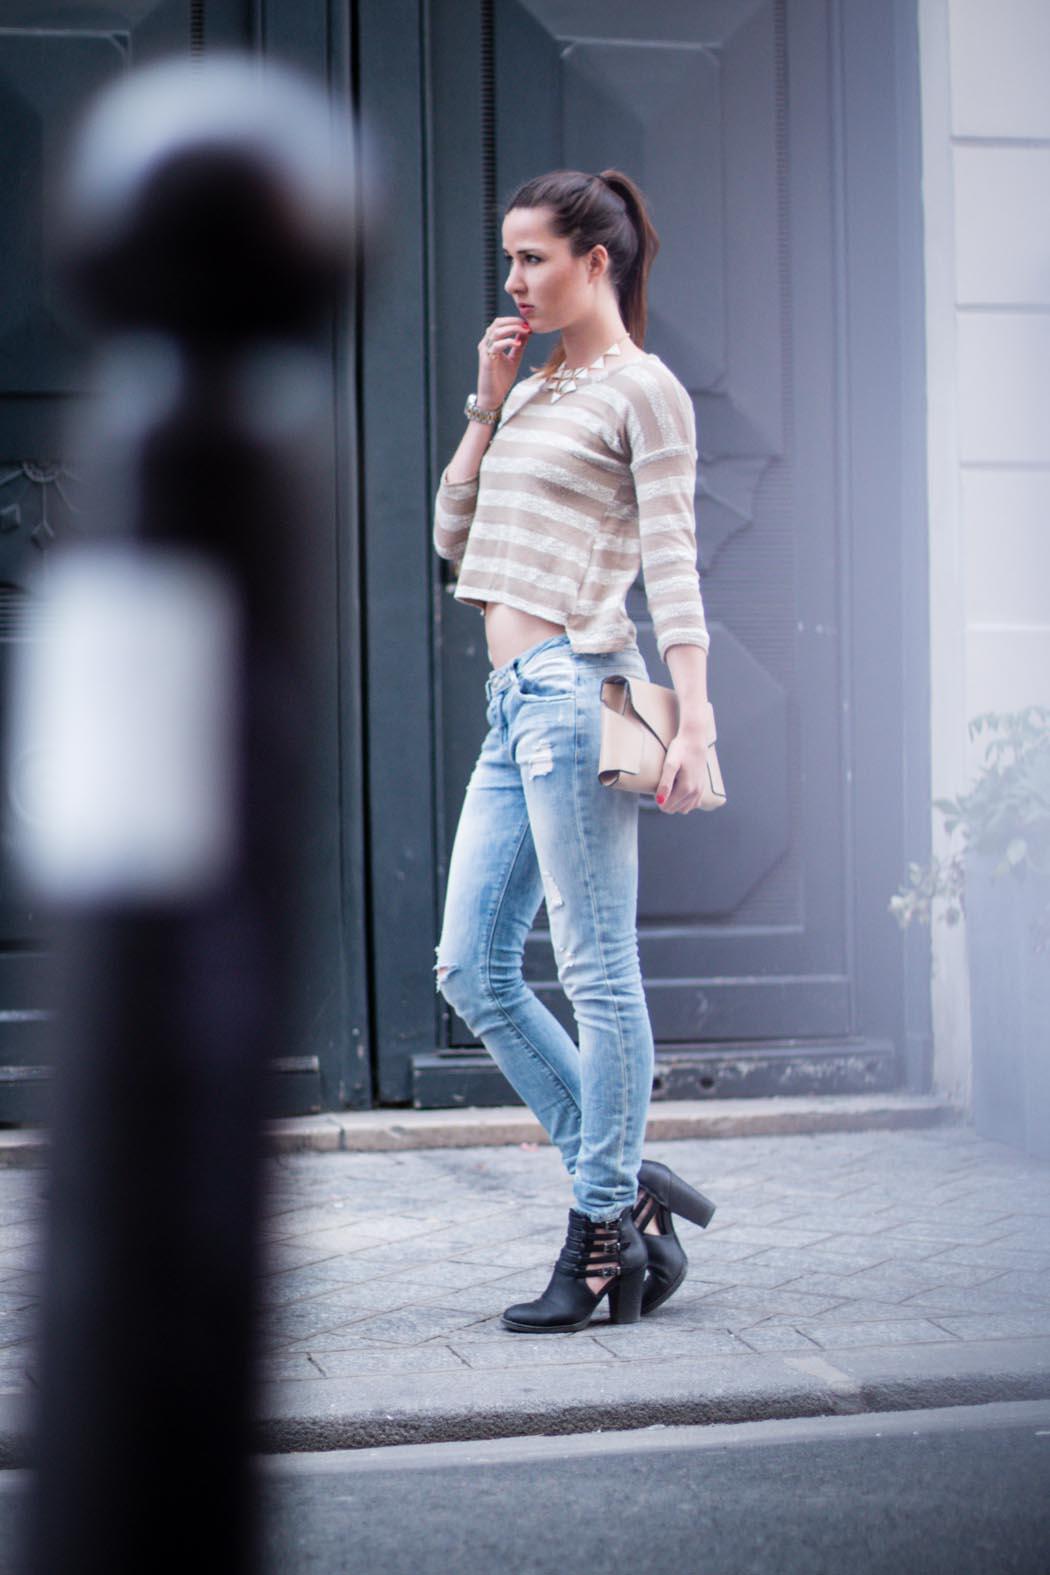 Lindarella-Fashionblogger-Paris-München-MIchael-Kors-Ripped-Jeans-3